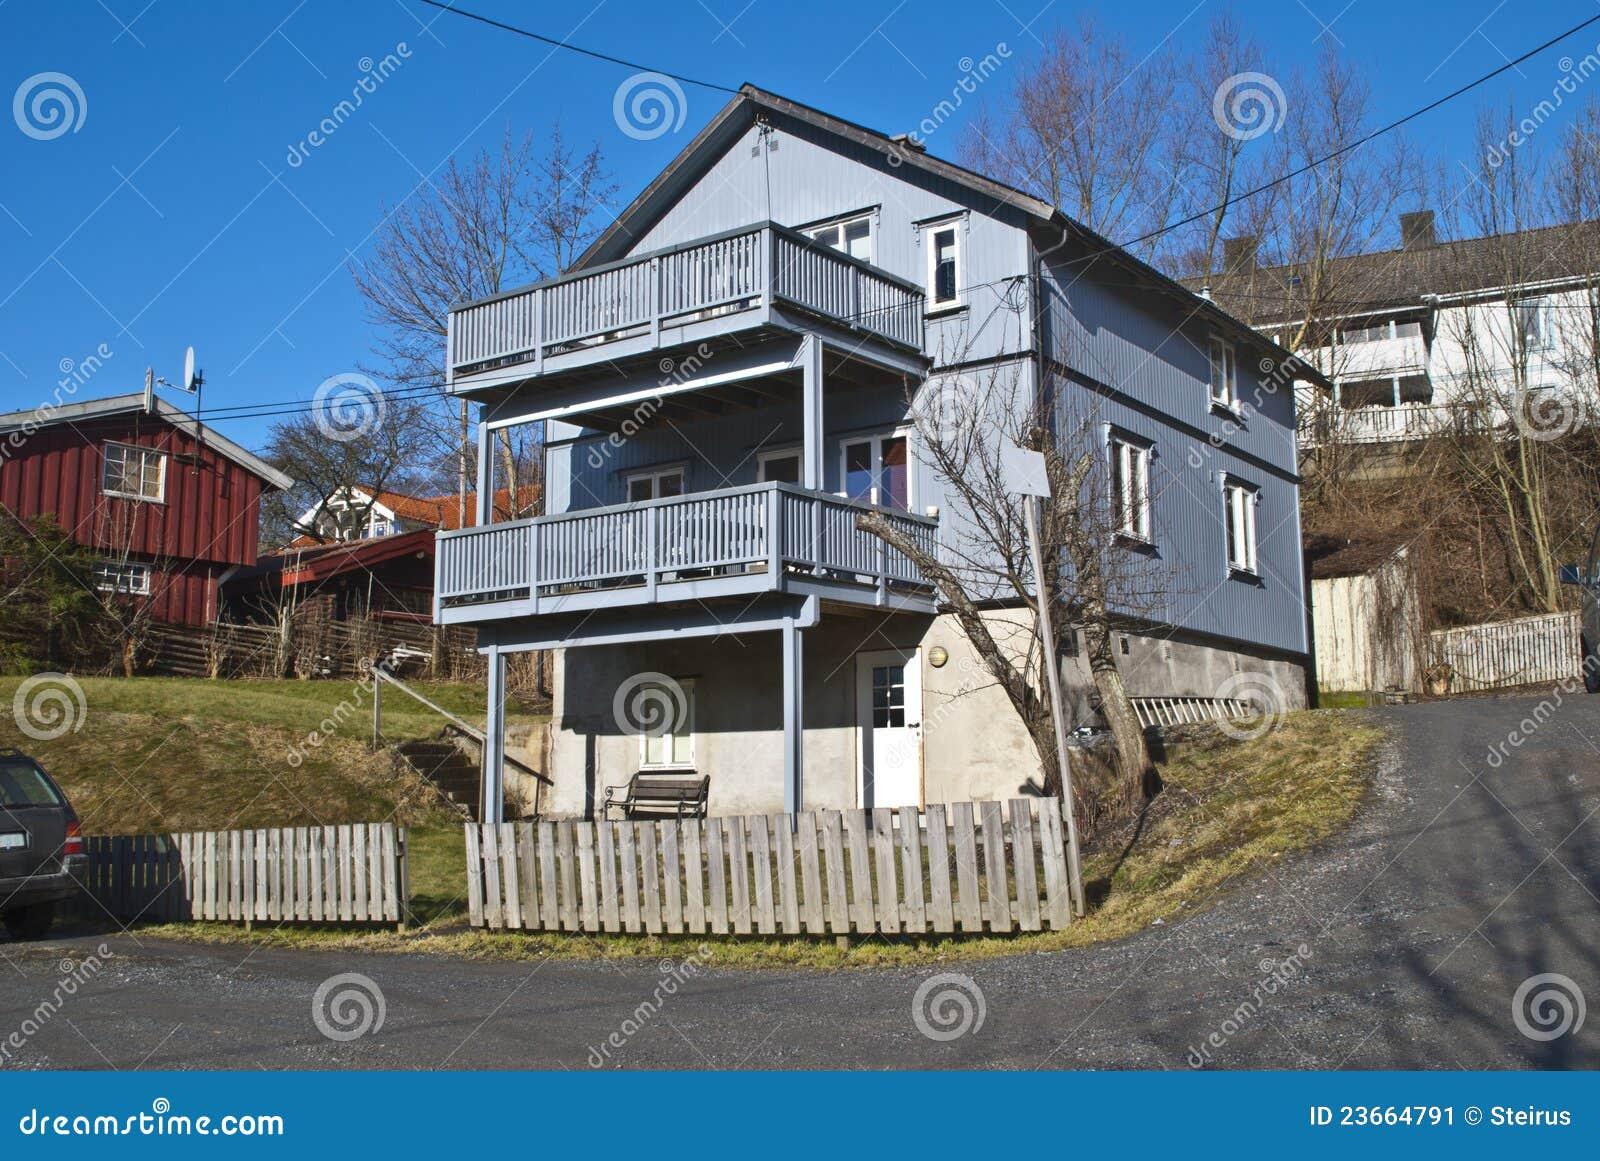 Casas De Madera Viejas Con Los Balcones En Halden Imagen ... - photo#6